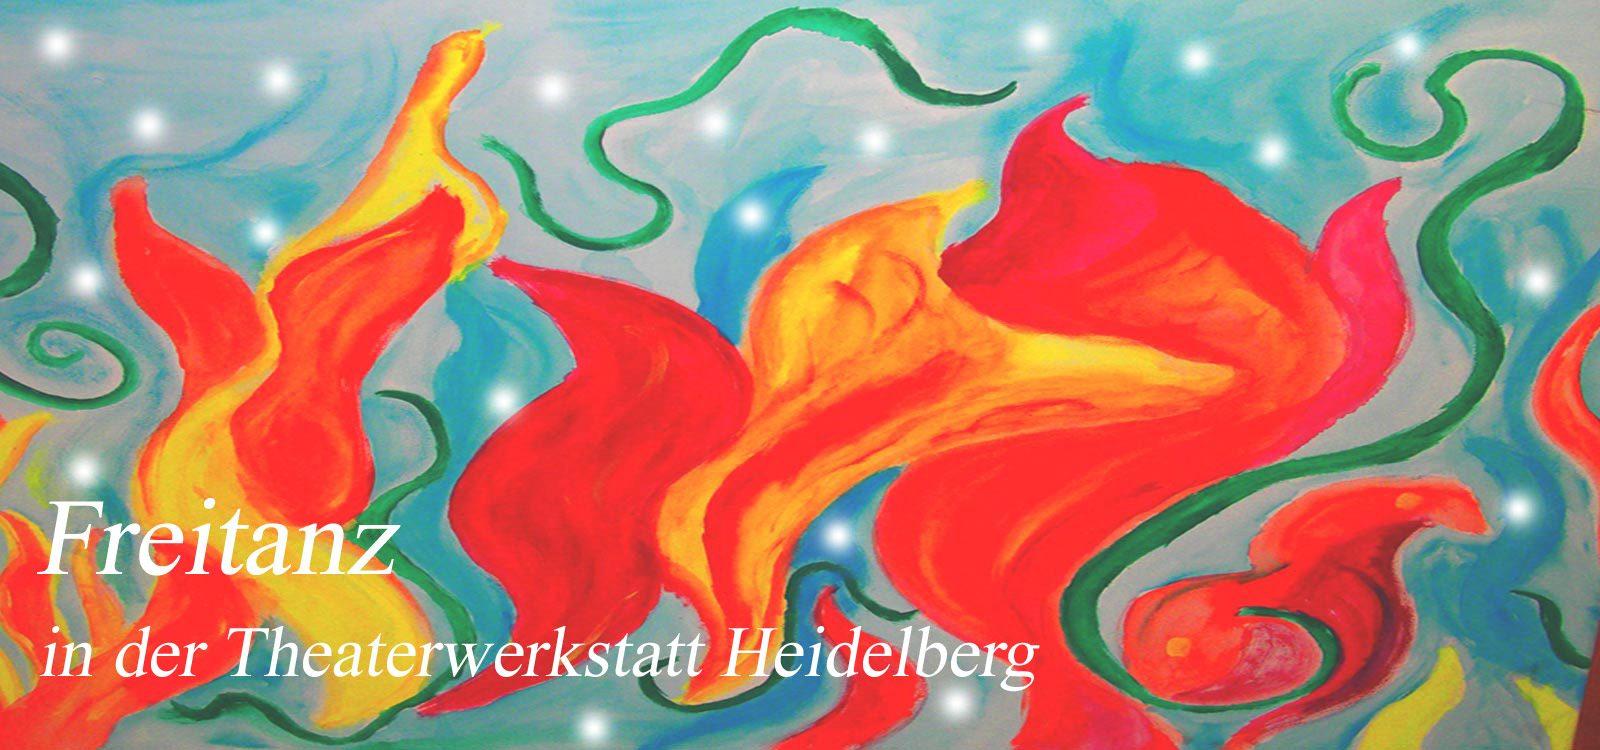 Freitanz-freies Tanzen